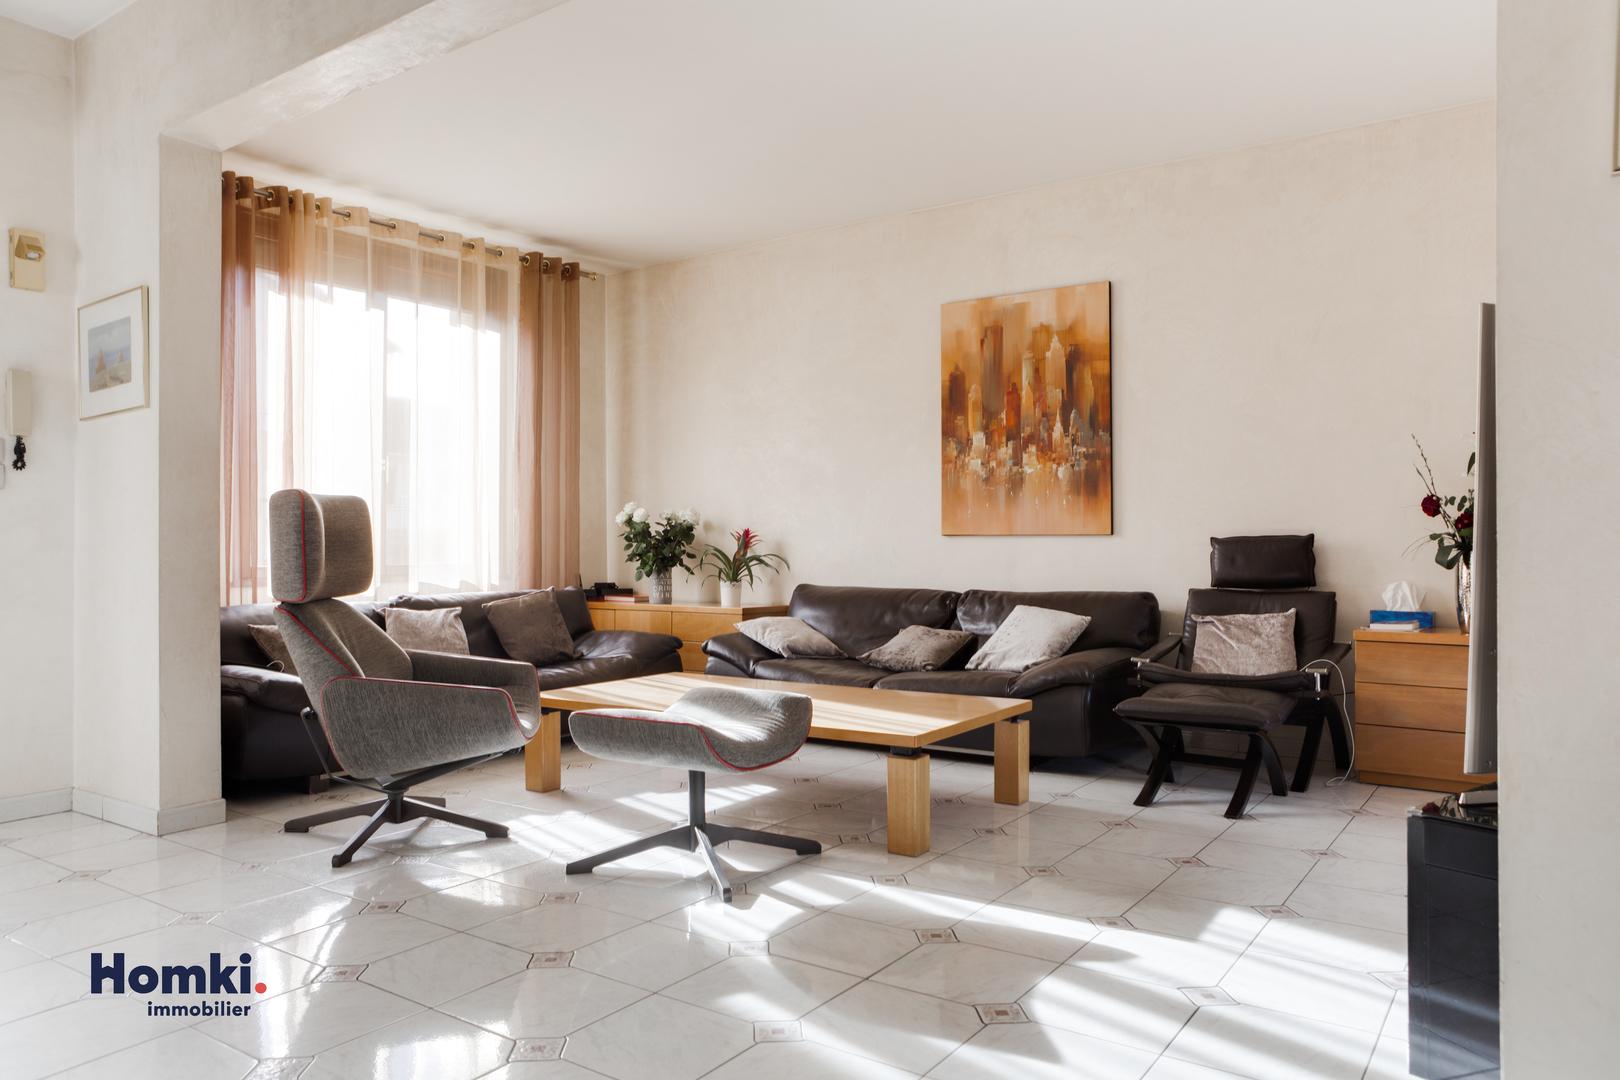 Maison I 150 m² I T4/5 I 69500 | photo 2